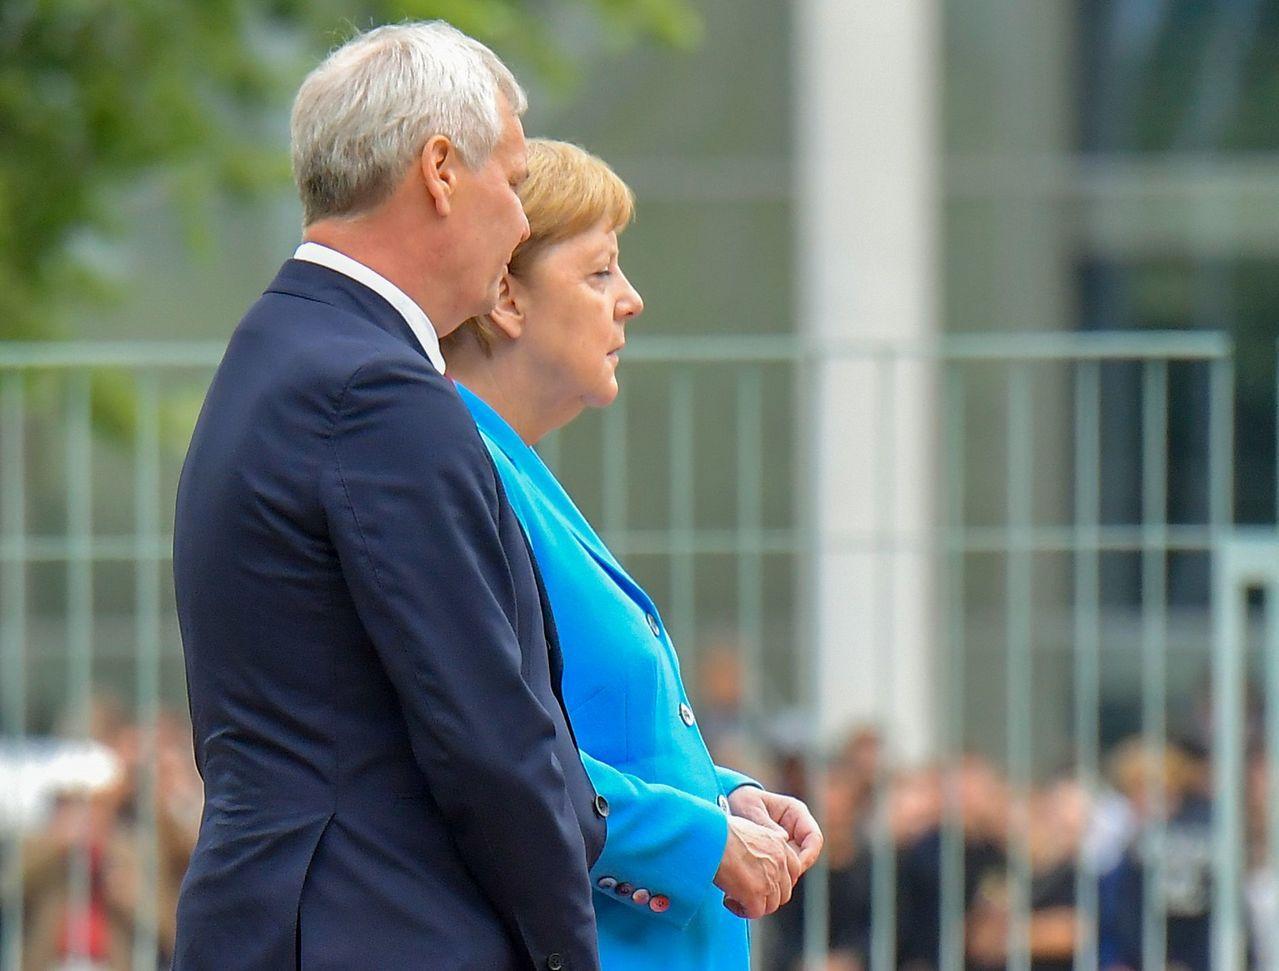 德國總理梅克爾(右)10日在柏林和芬蘭總理林內(左)會面時,再度出現全身顫抖狀況...